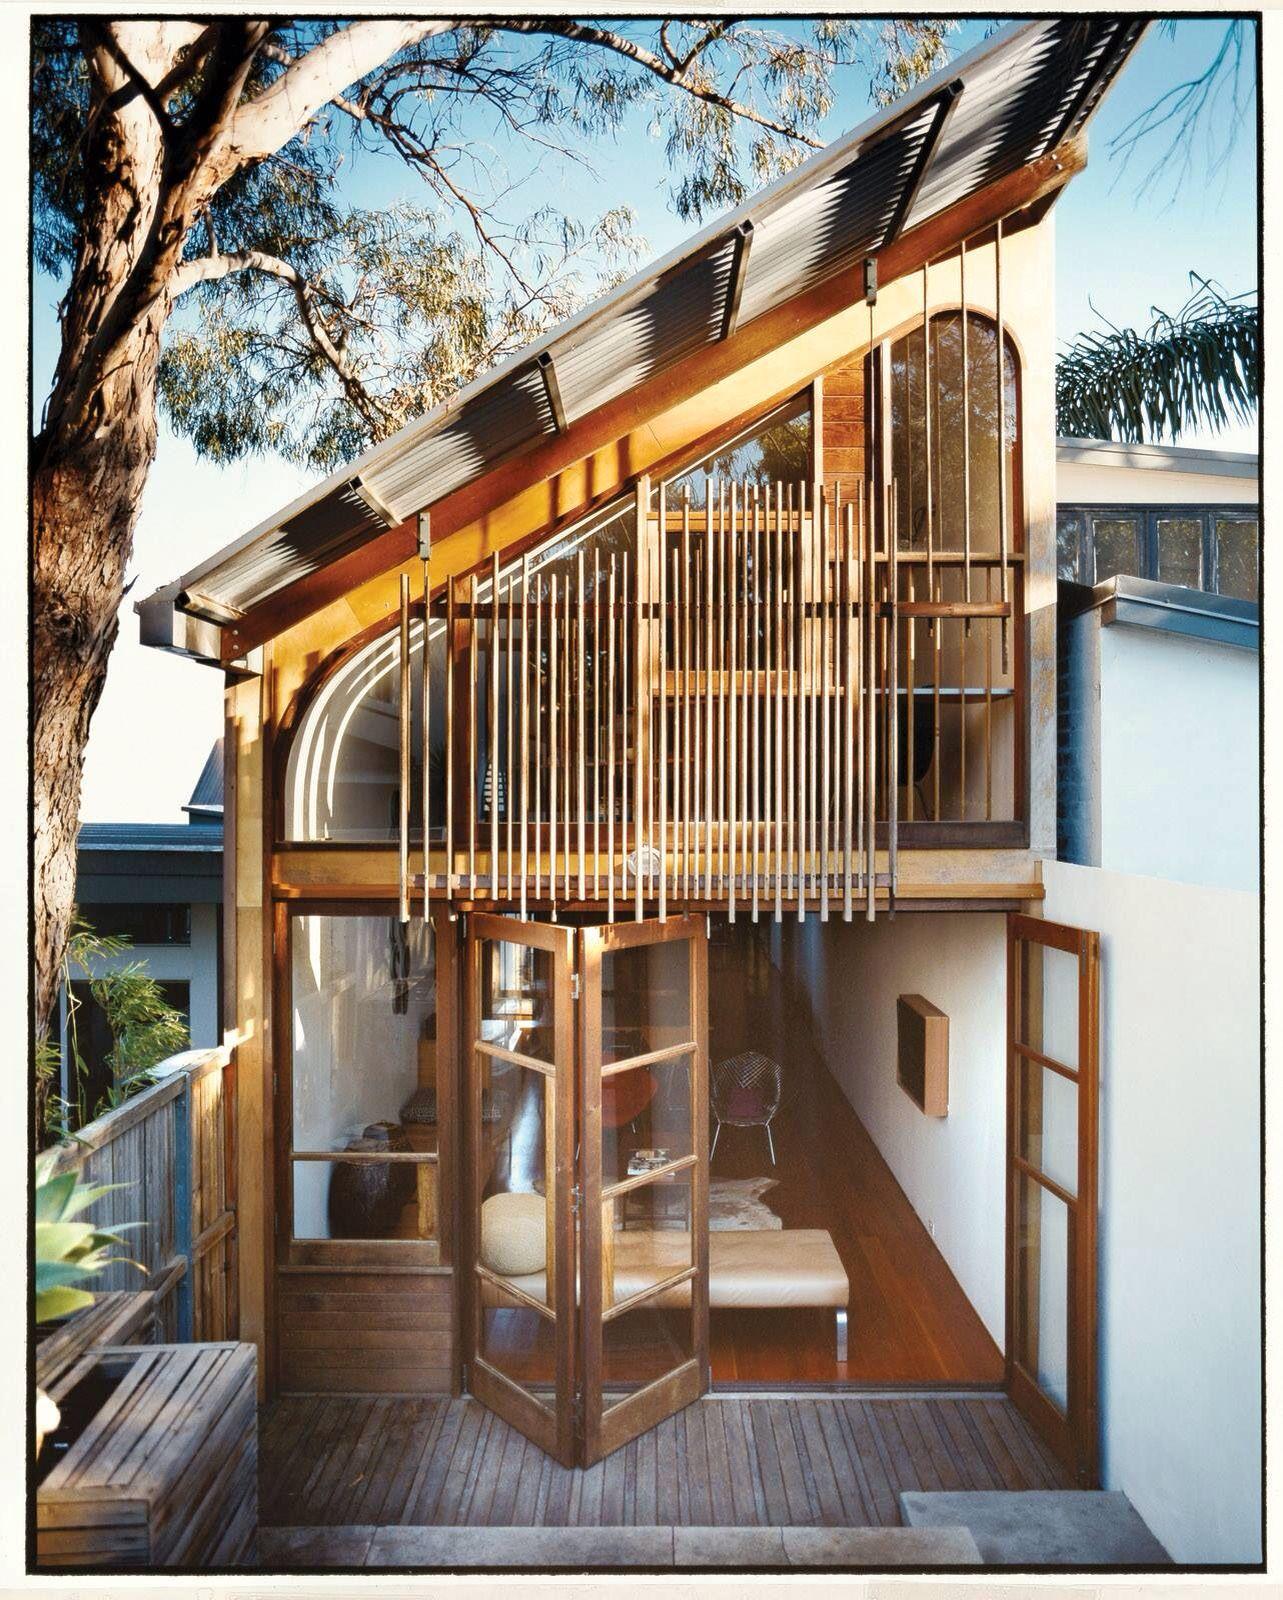 architecture architektur architecture pinterest rund ums haus raum und architektur. Black Bedroom Furniture Sets. Home Design Ideas